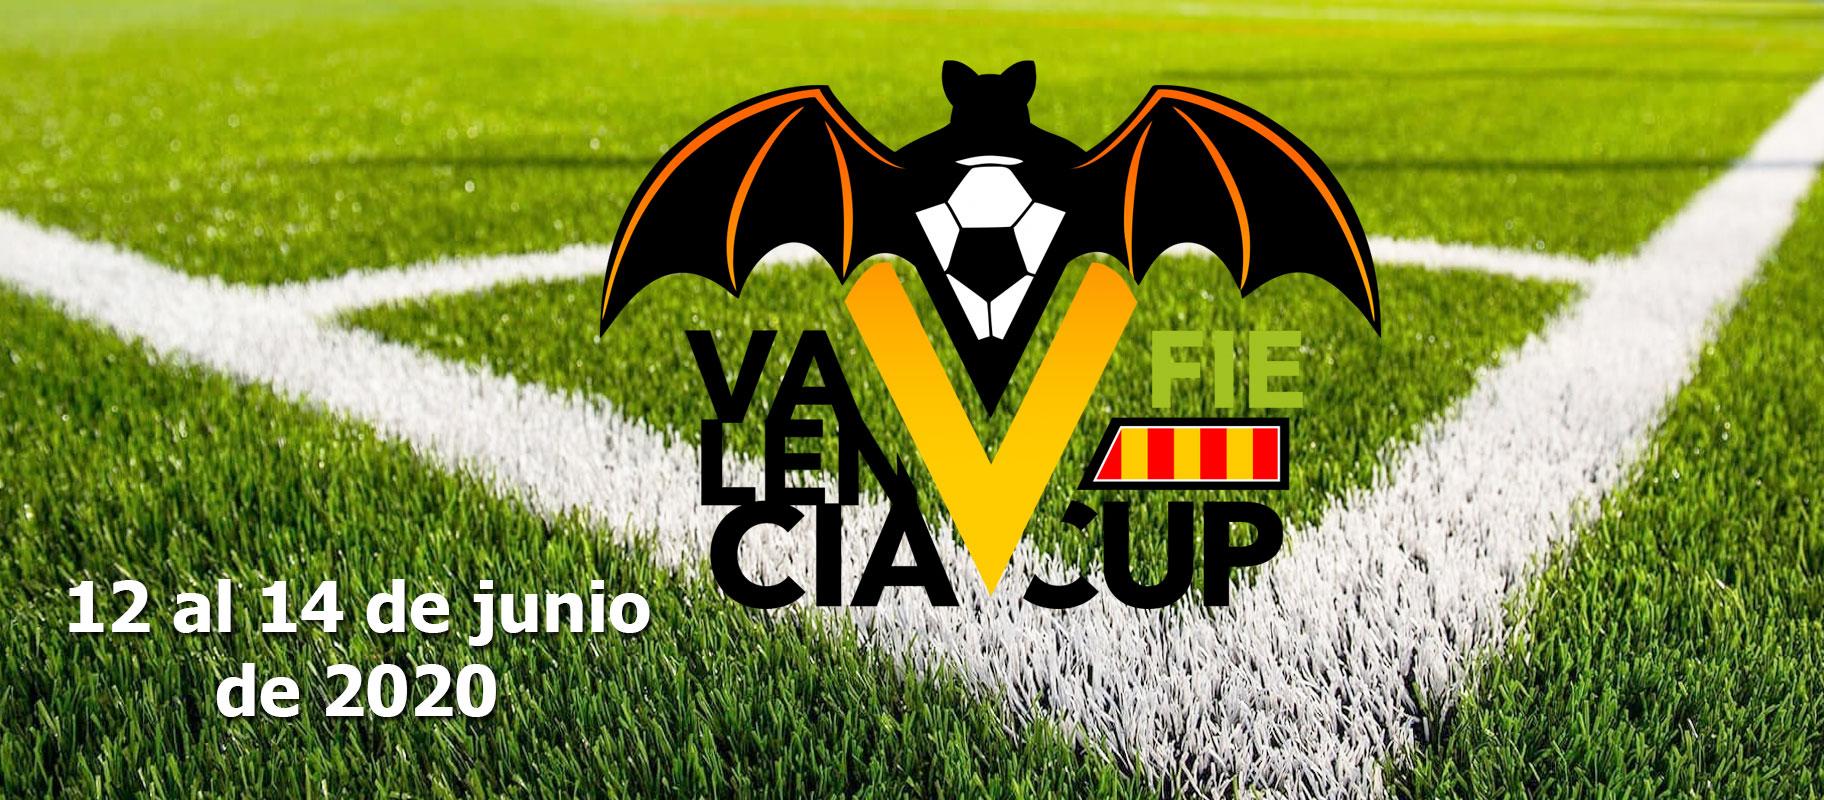 Torneo Valencia Cup